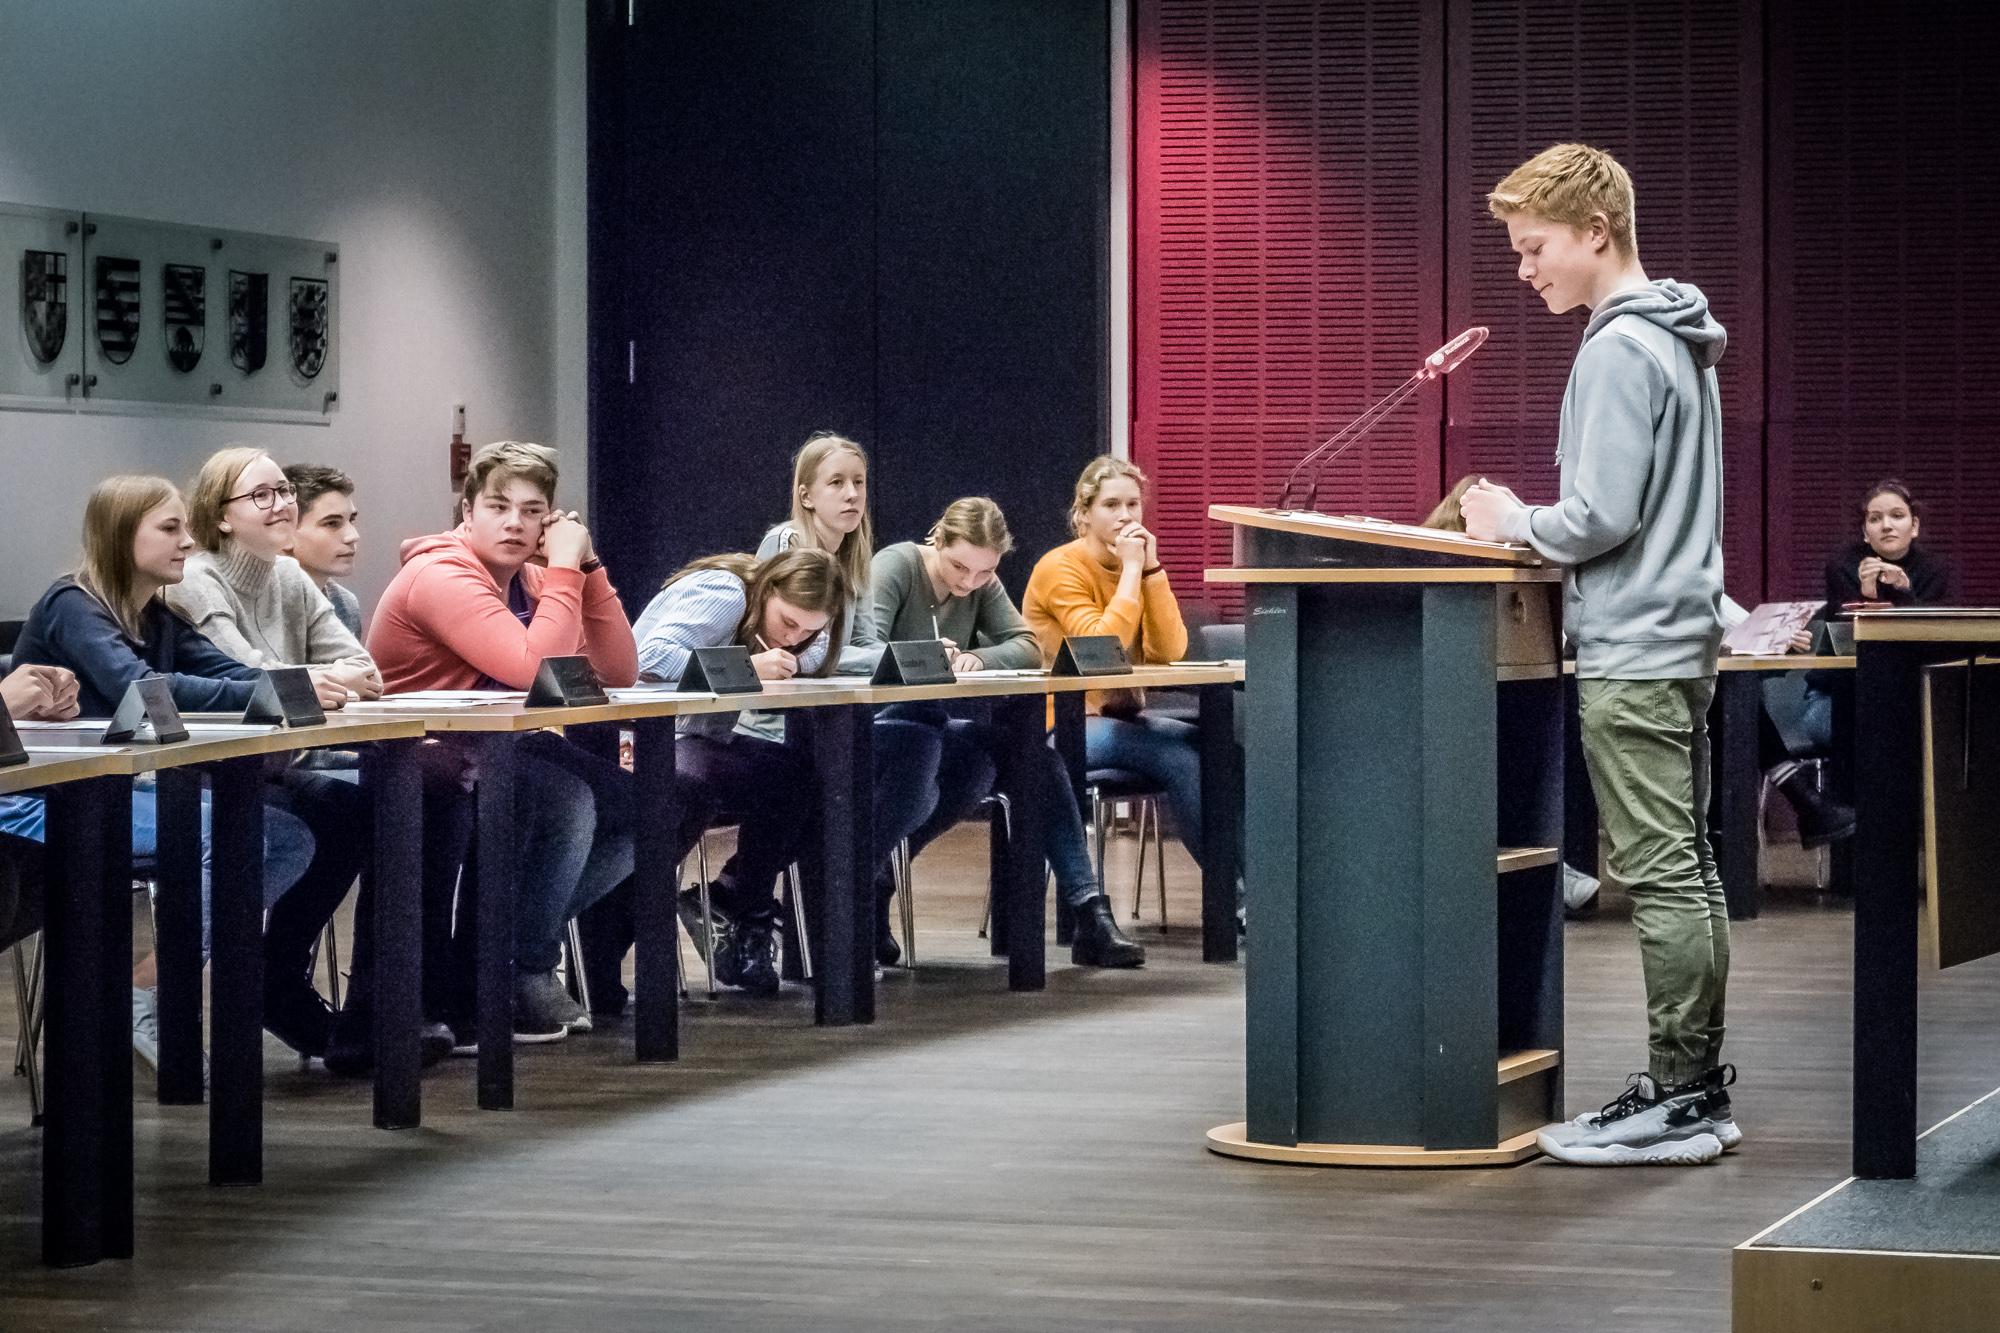 Ratsgymnasium Rheda-Wiedenbrück Exkursion Sozialwissenschaften Berlin 2019